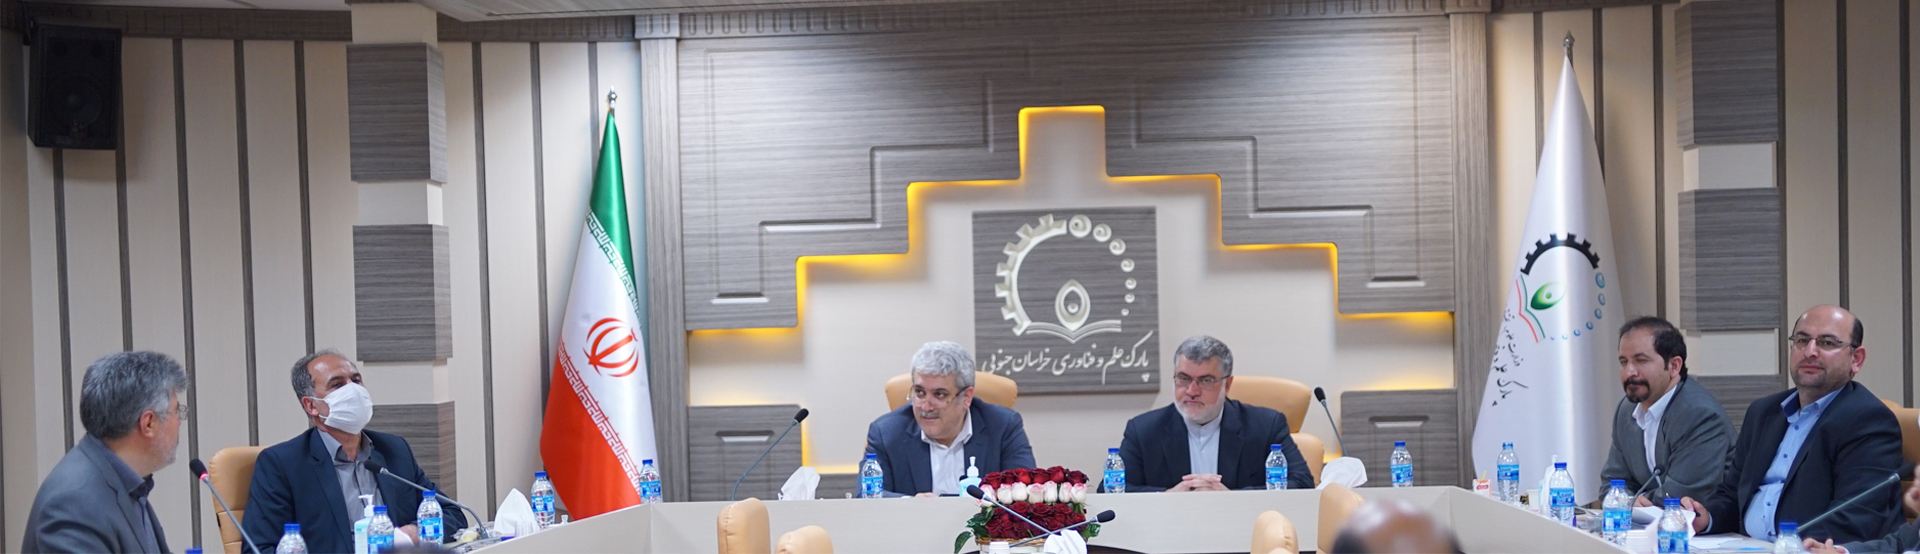 افتتاح مراکز رشد واحدهای فناور شهرستان فردوس و طبس به دست دکتر ستاری معاون علمی و فناوری رئیس جمهور